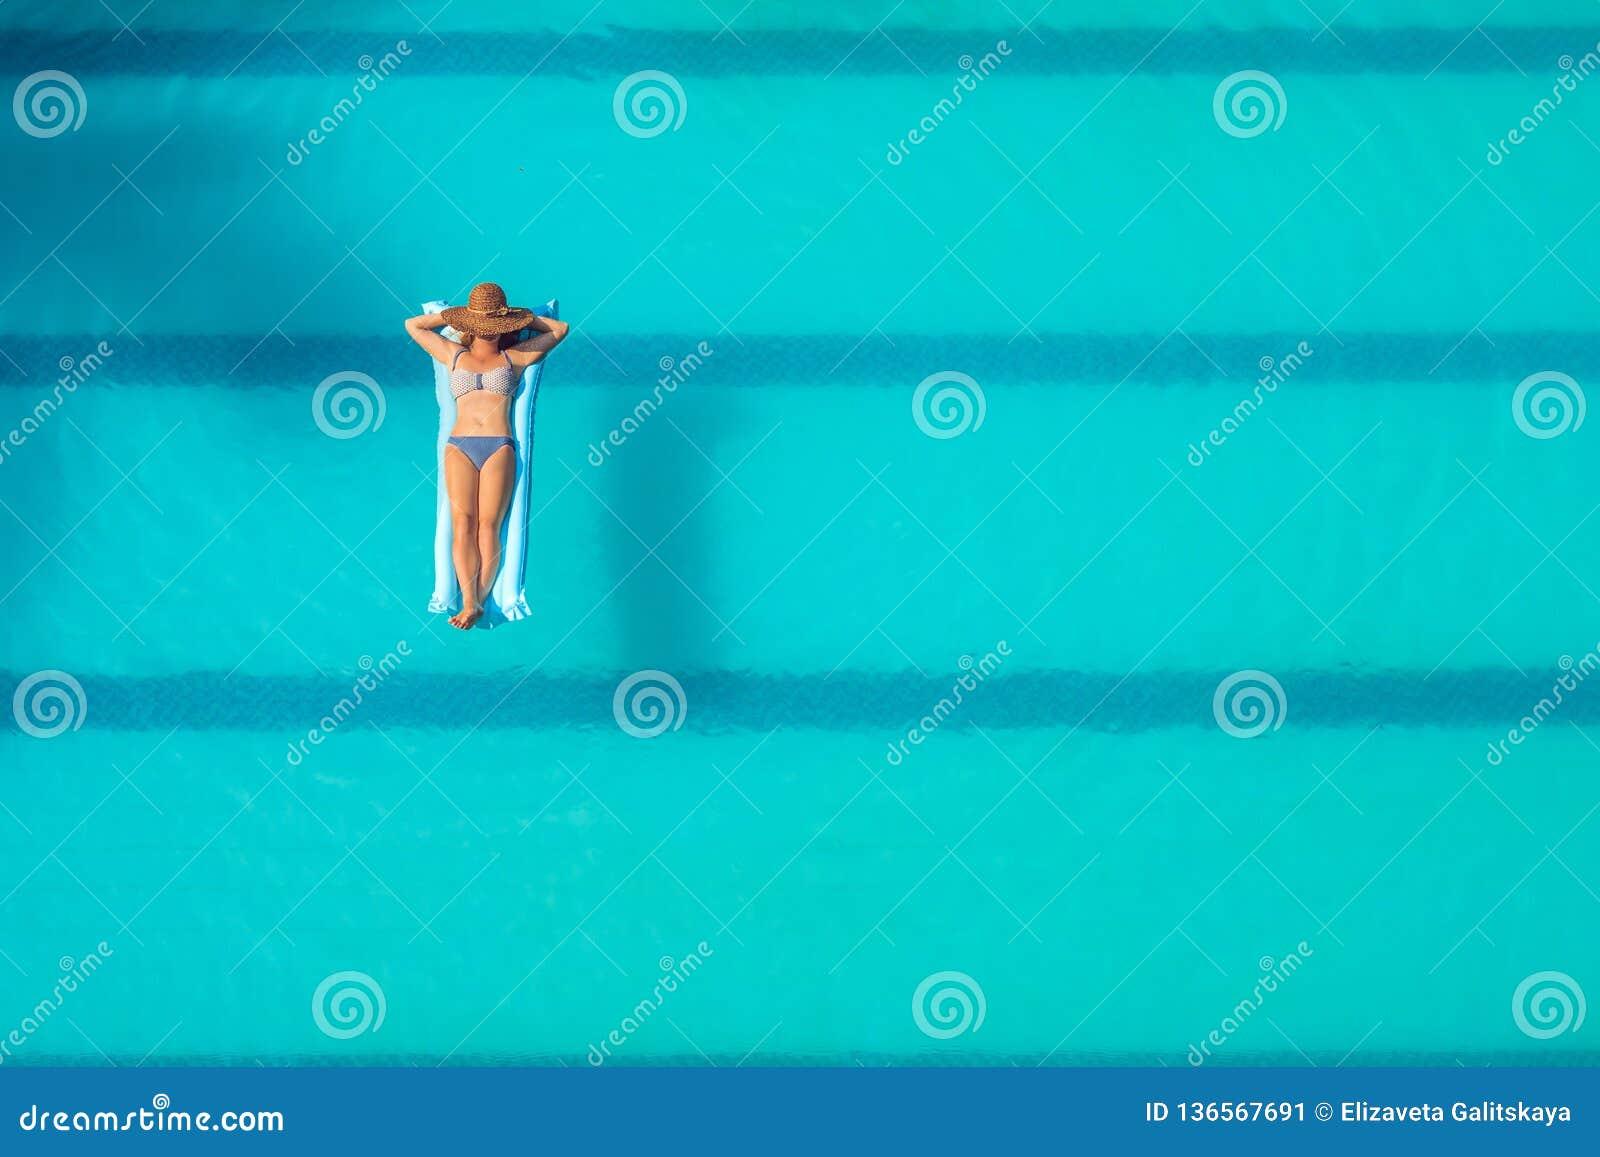 Απόλαυση suntan όμορφες νεολαίες γυναικών διακοπών λιμνών έννοιας Τοπ άποψη της λεπτής νέας γυναίκας στο μπικίνι στο μπλε στρώμα